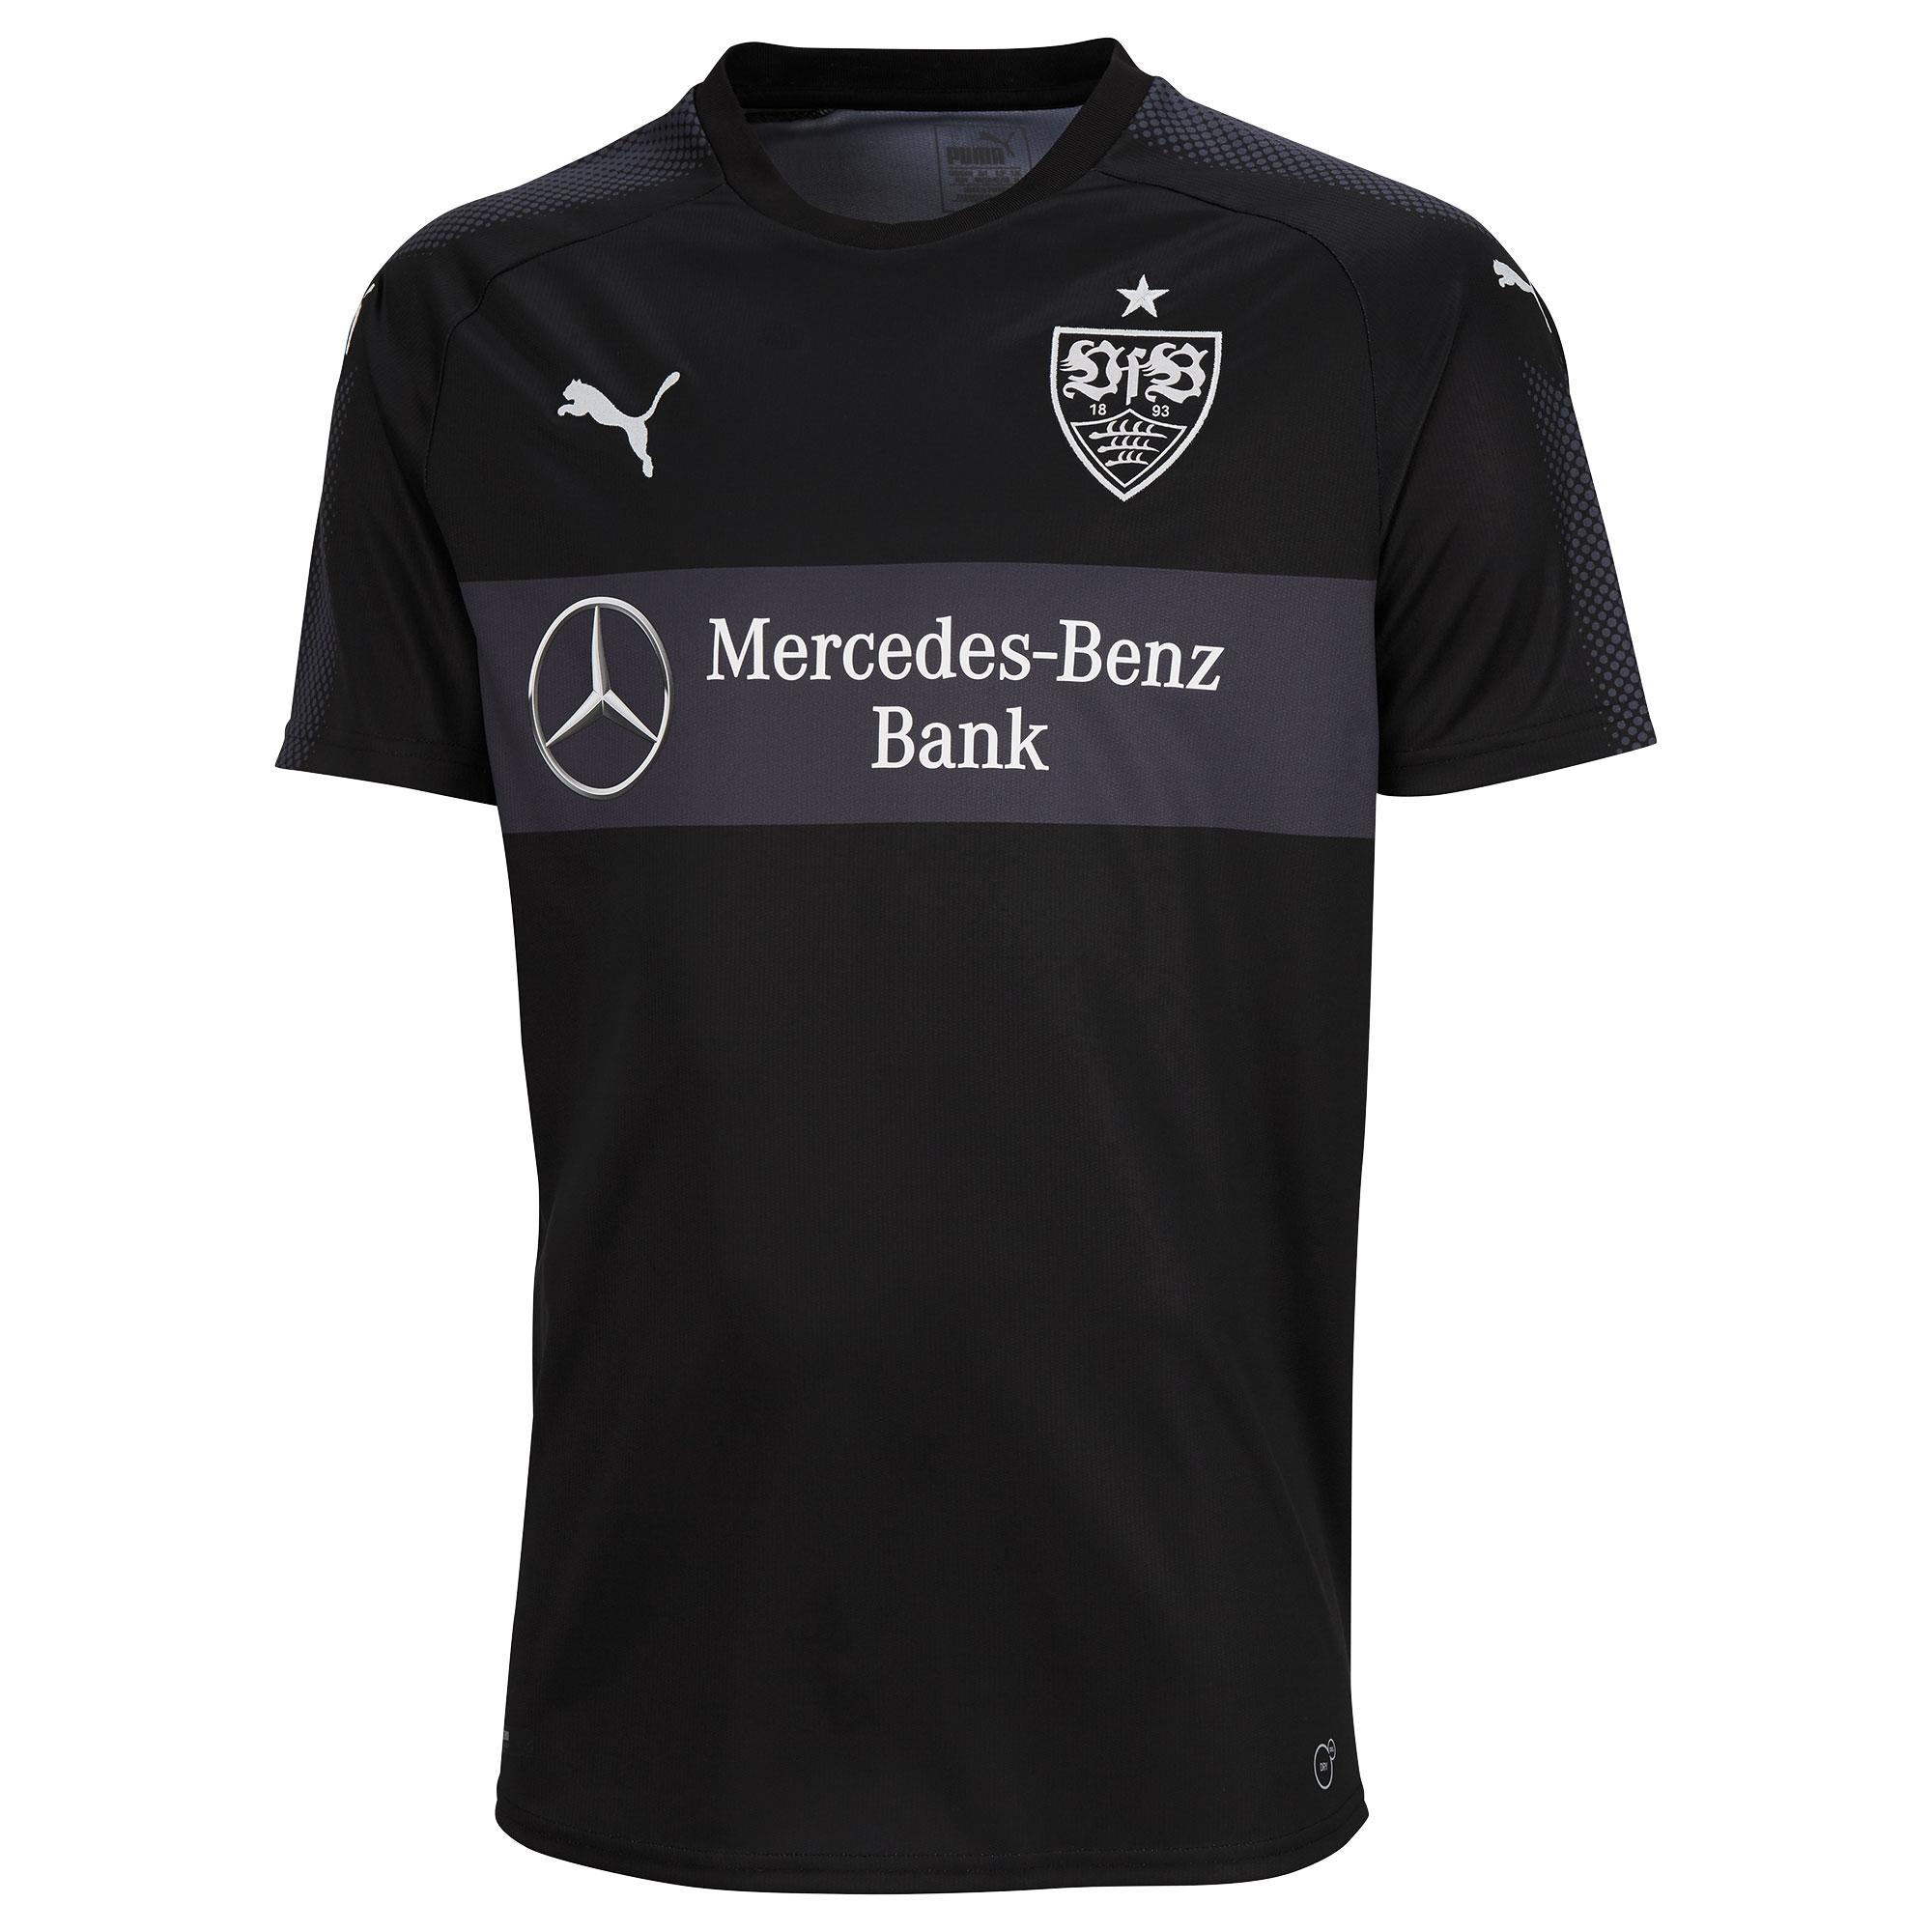 VfB Stuttgart 3rd Jersey 2017 / 2018 - XL